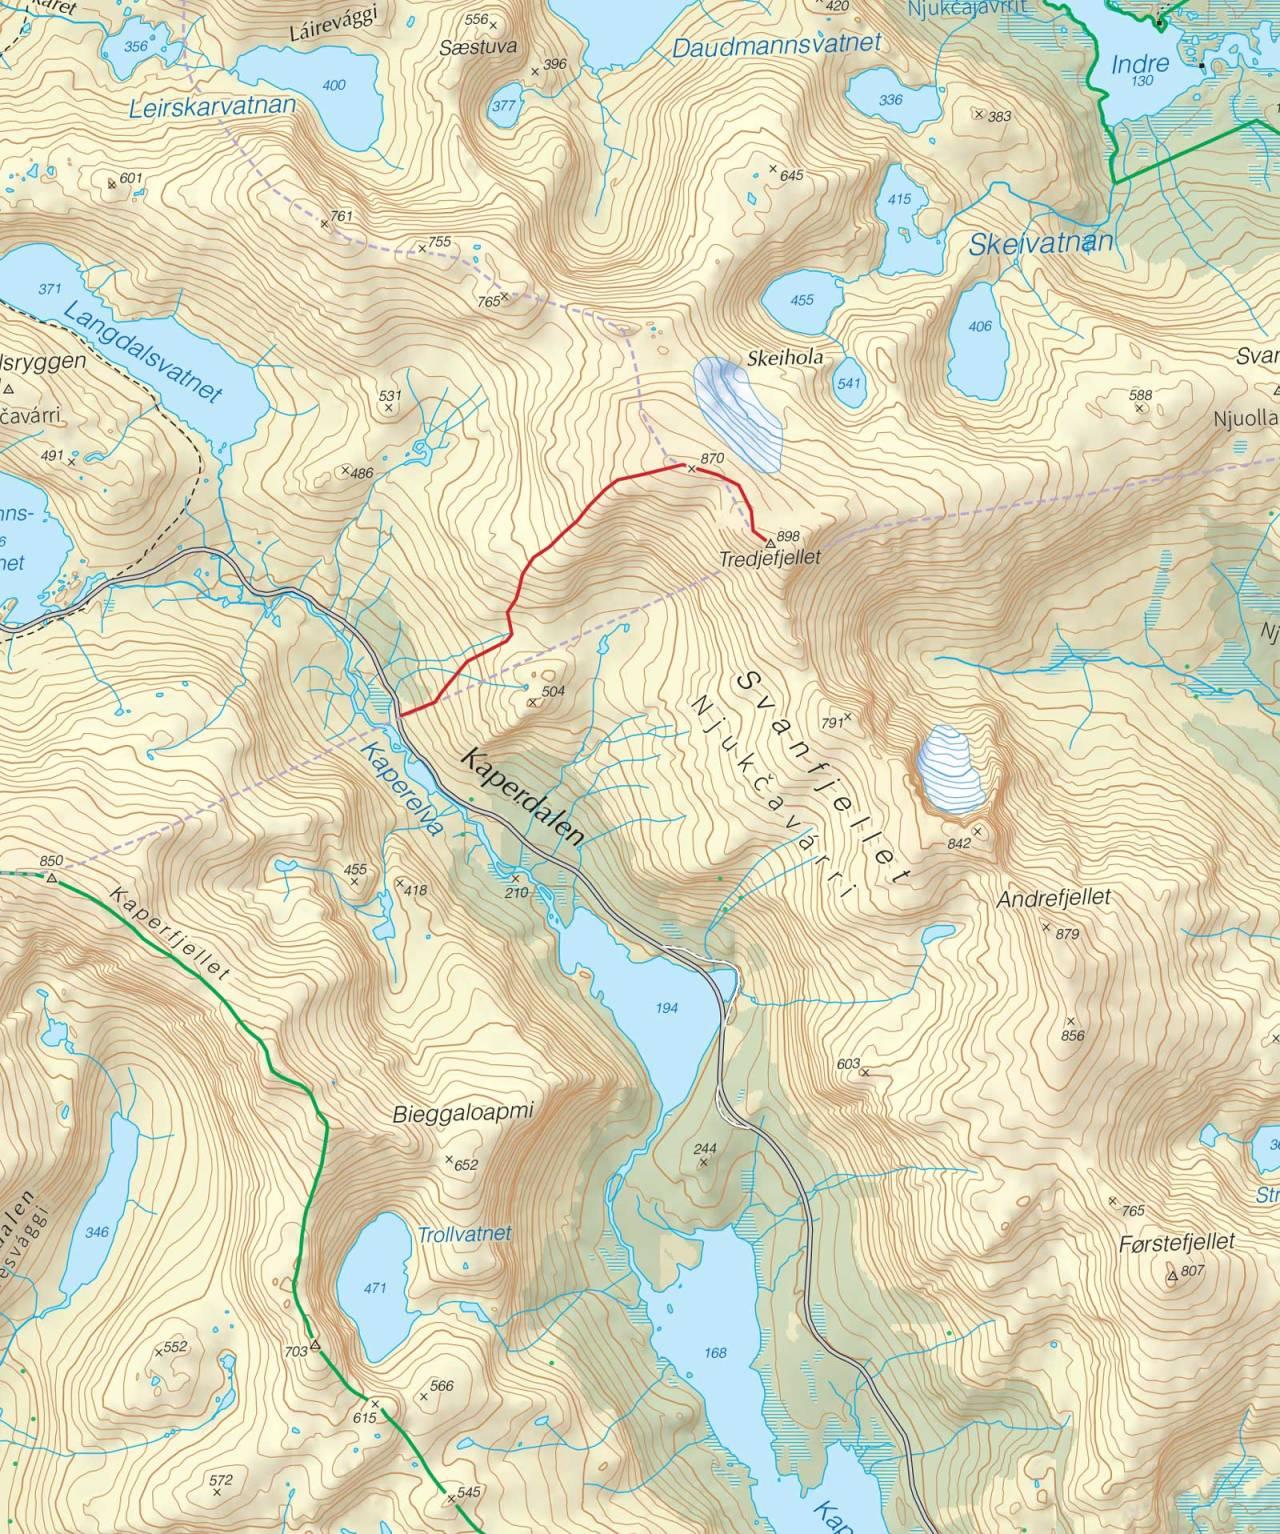 Kart over Tredje Svanfjell med inntegnet rute. Fra Trygge toppturer